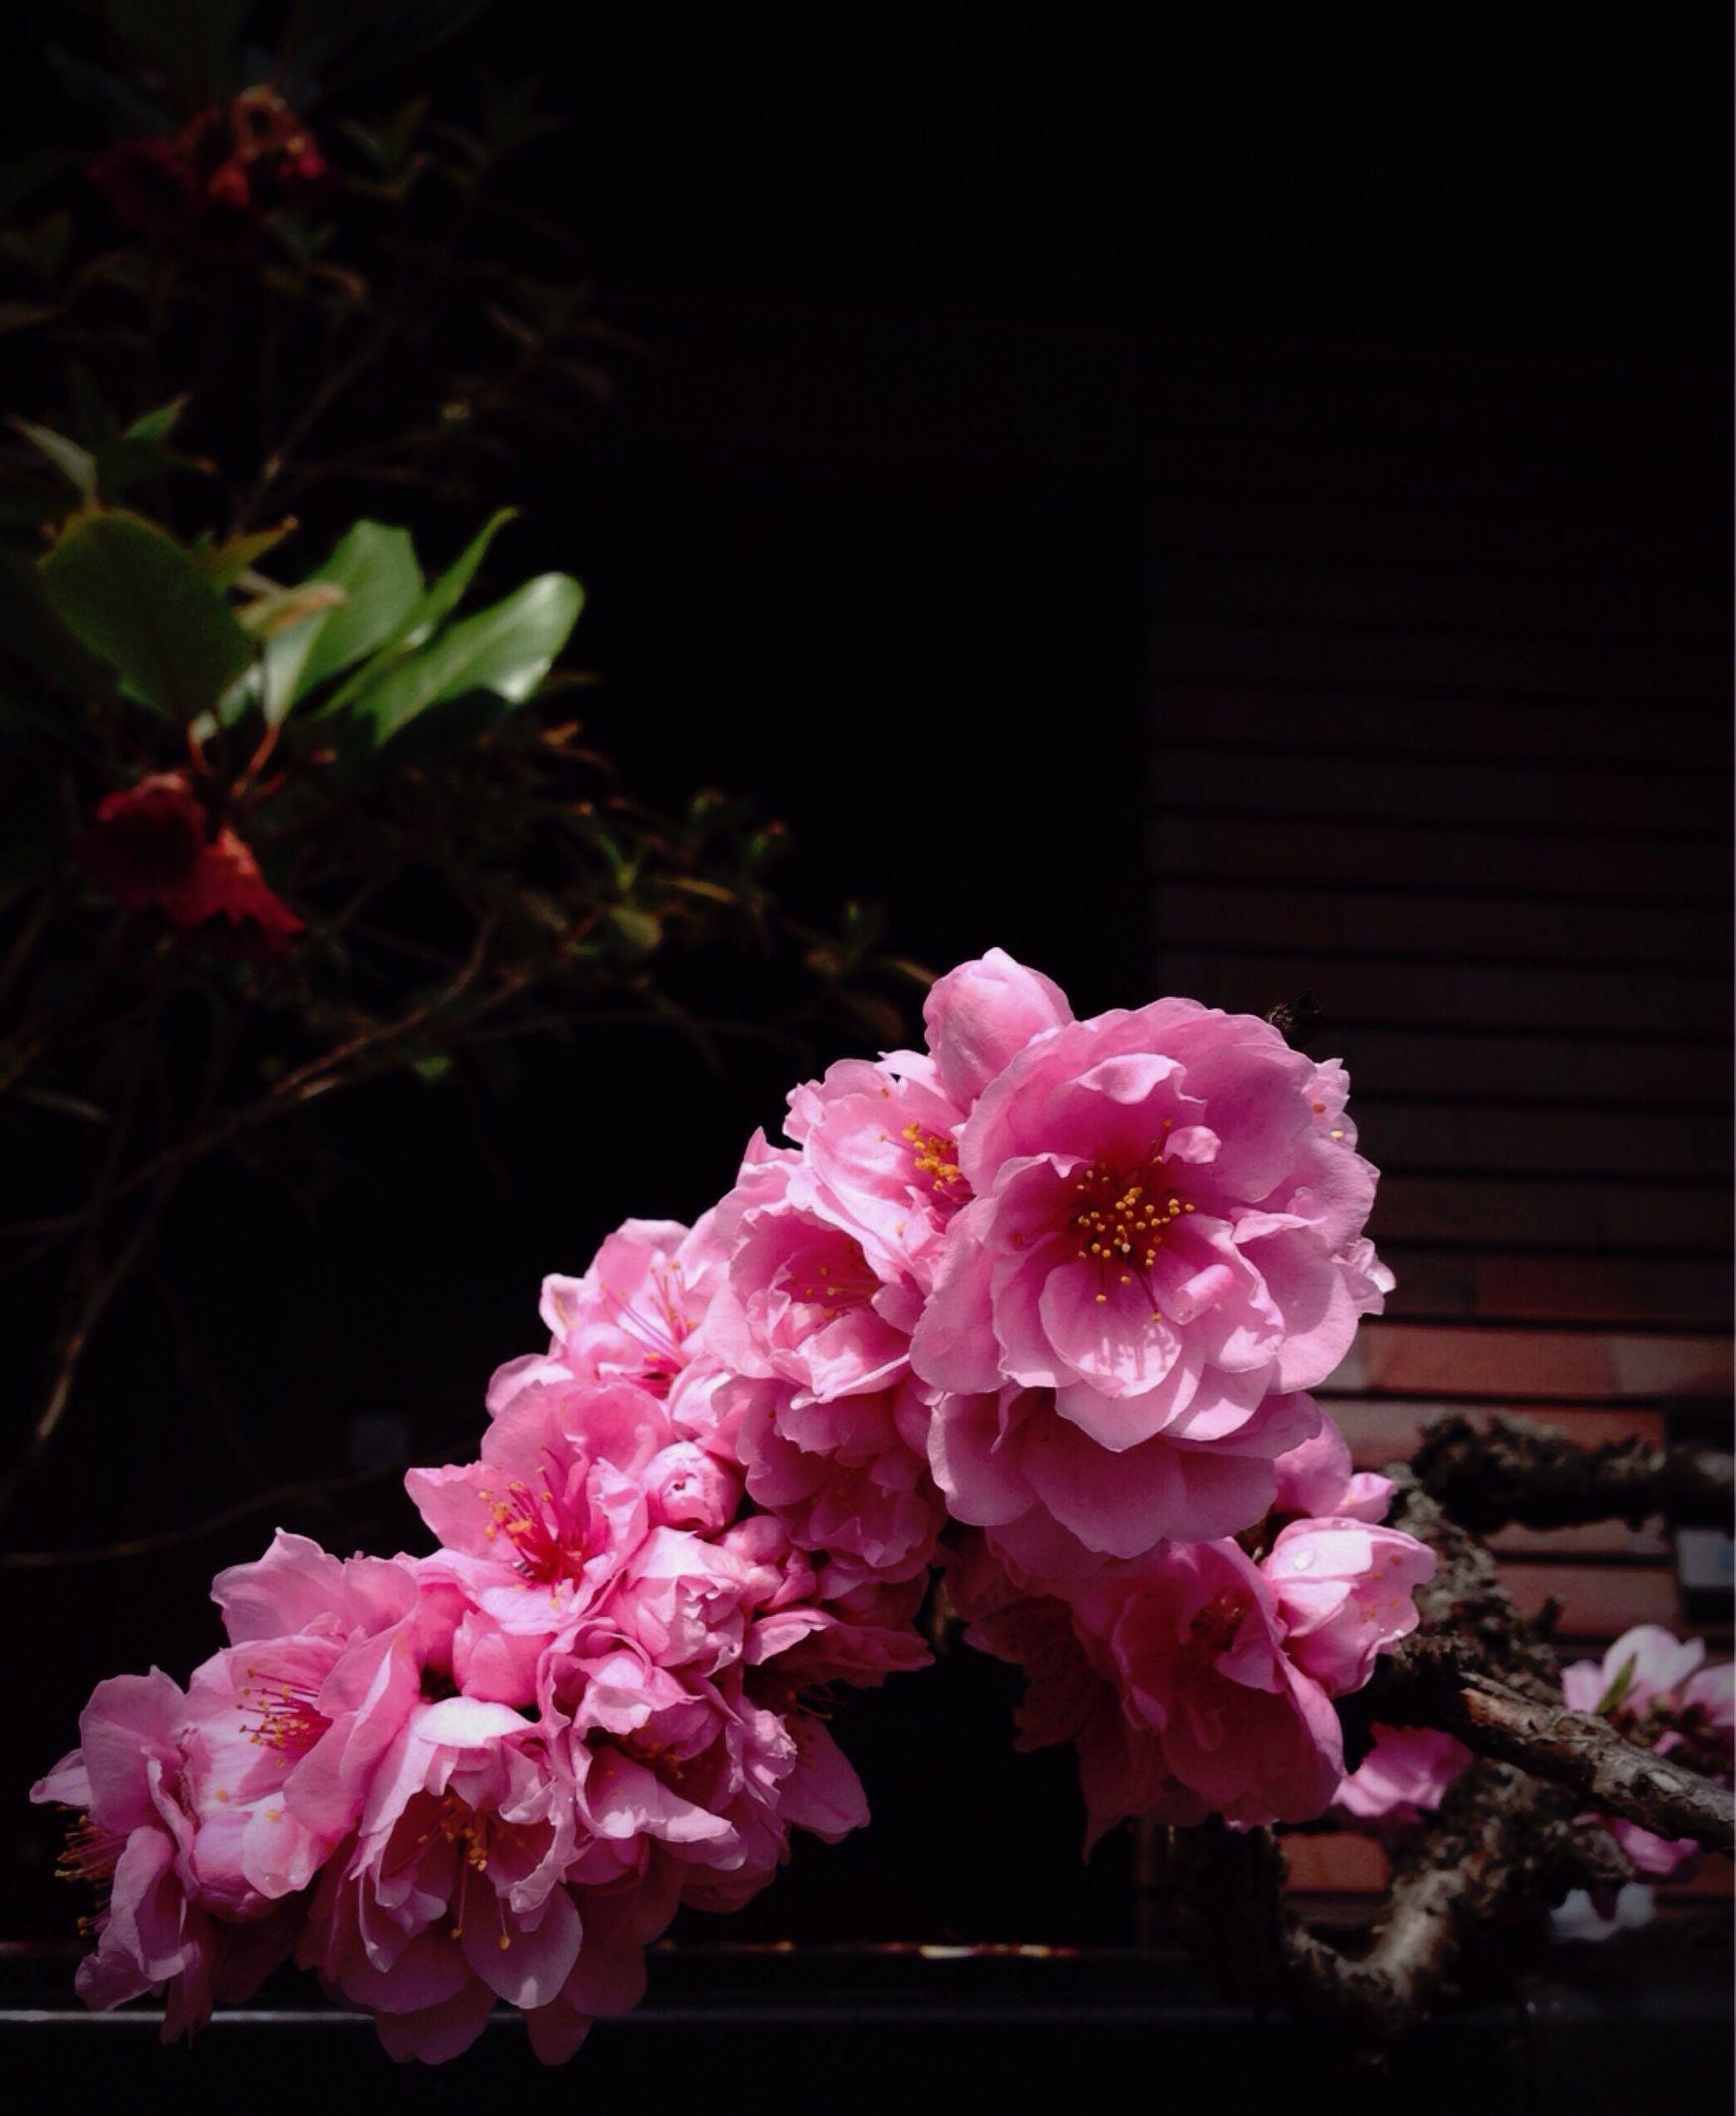 八重桜 Doble Cherry-blossoms 🌸🌸 Starting A Good Day Start-flowering Flower-festival 待ってました なんちゃって♡